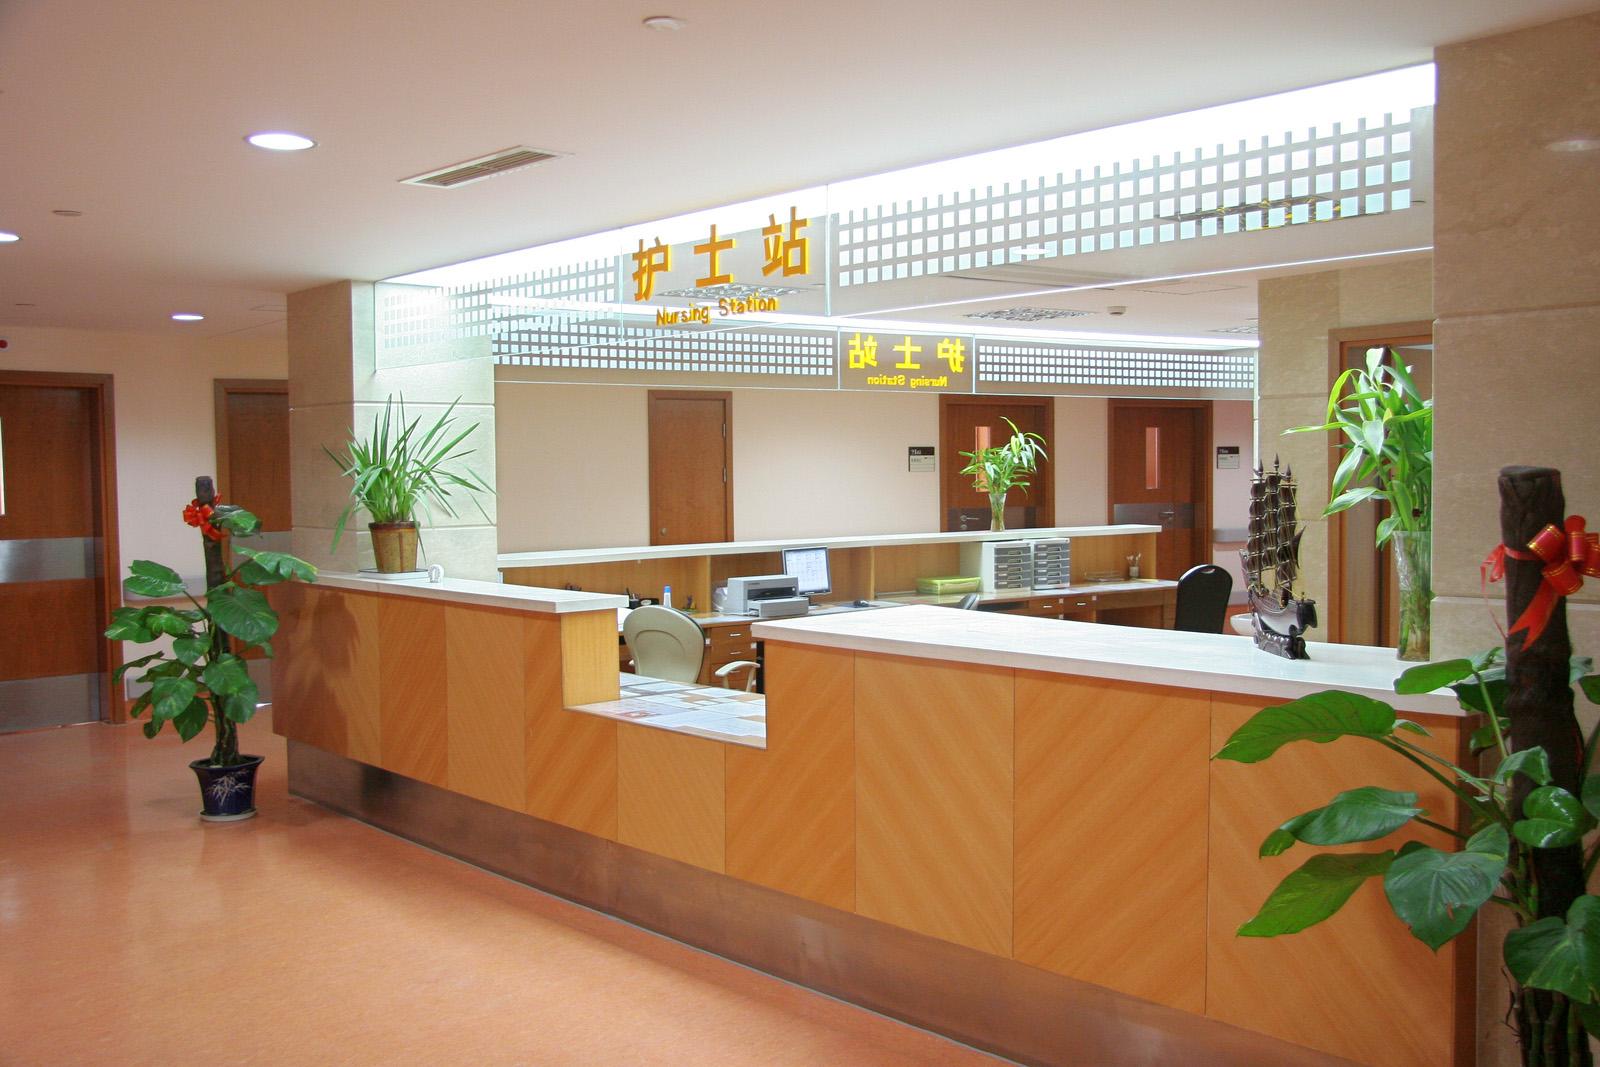 上海九院护士站环境